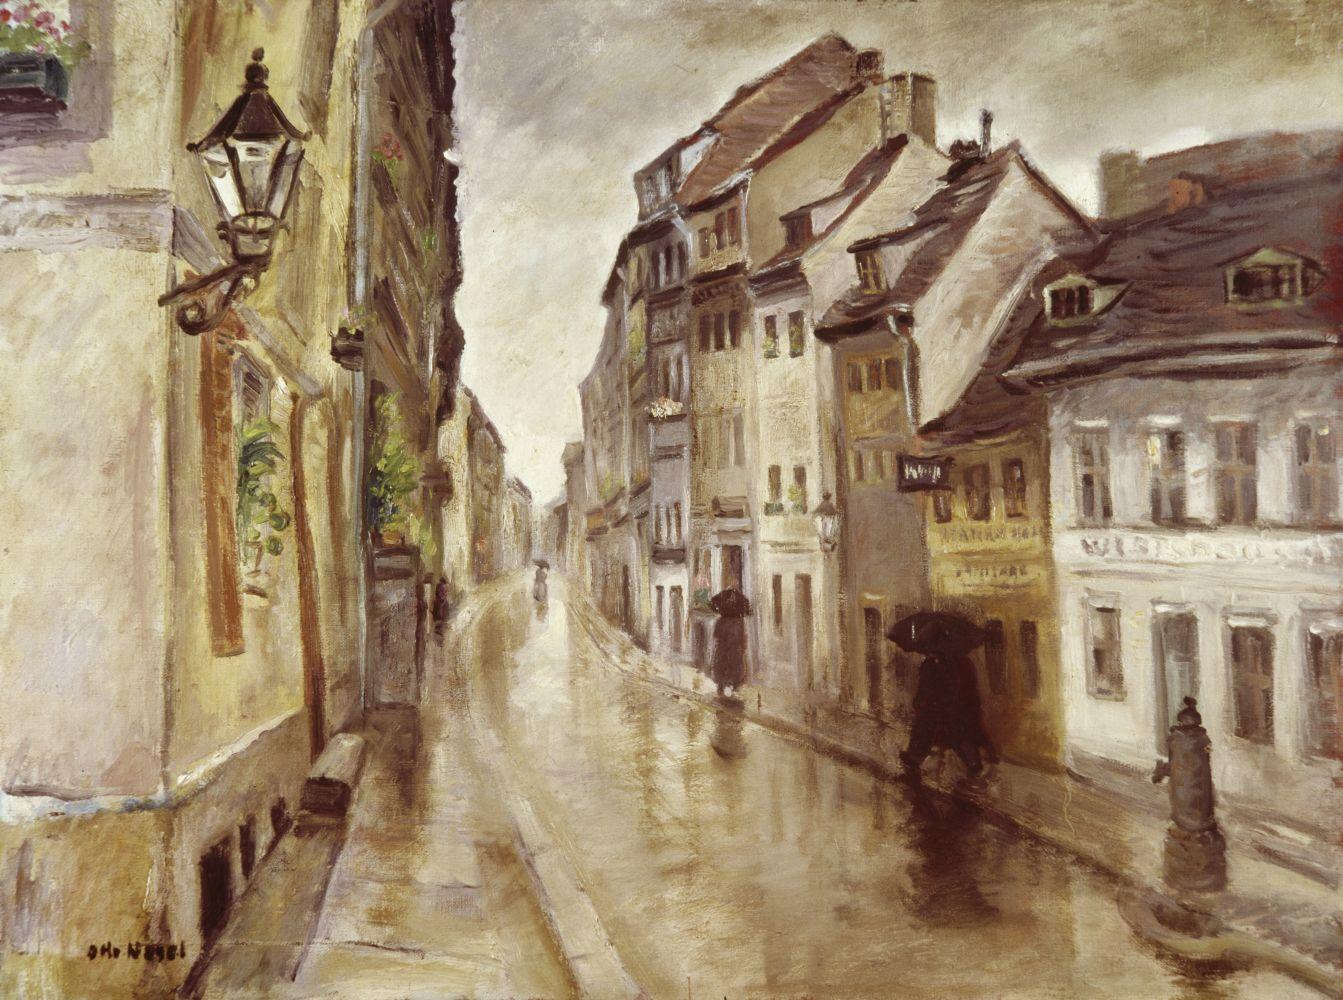 Otto Nagel: Petristraße im Regen (1941) © VG Bild-Kunst 2017 / Staatliche Museen zu Berlin, Nationalgalerie